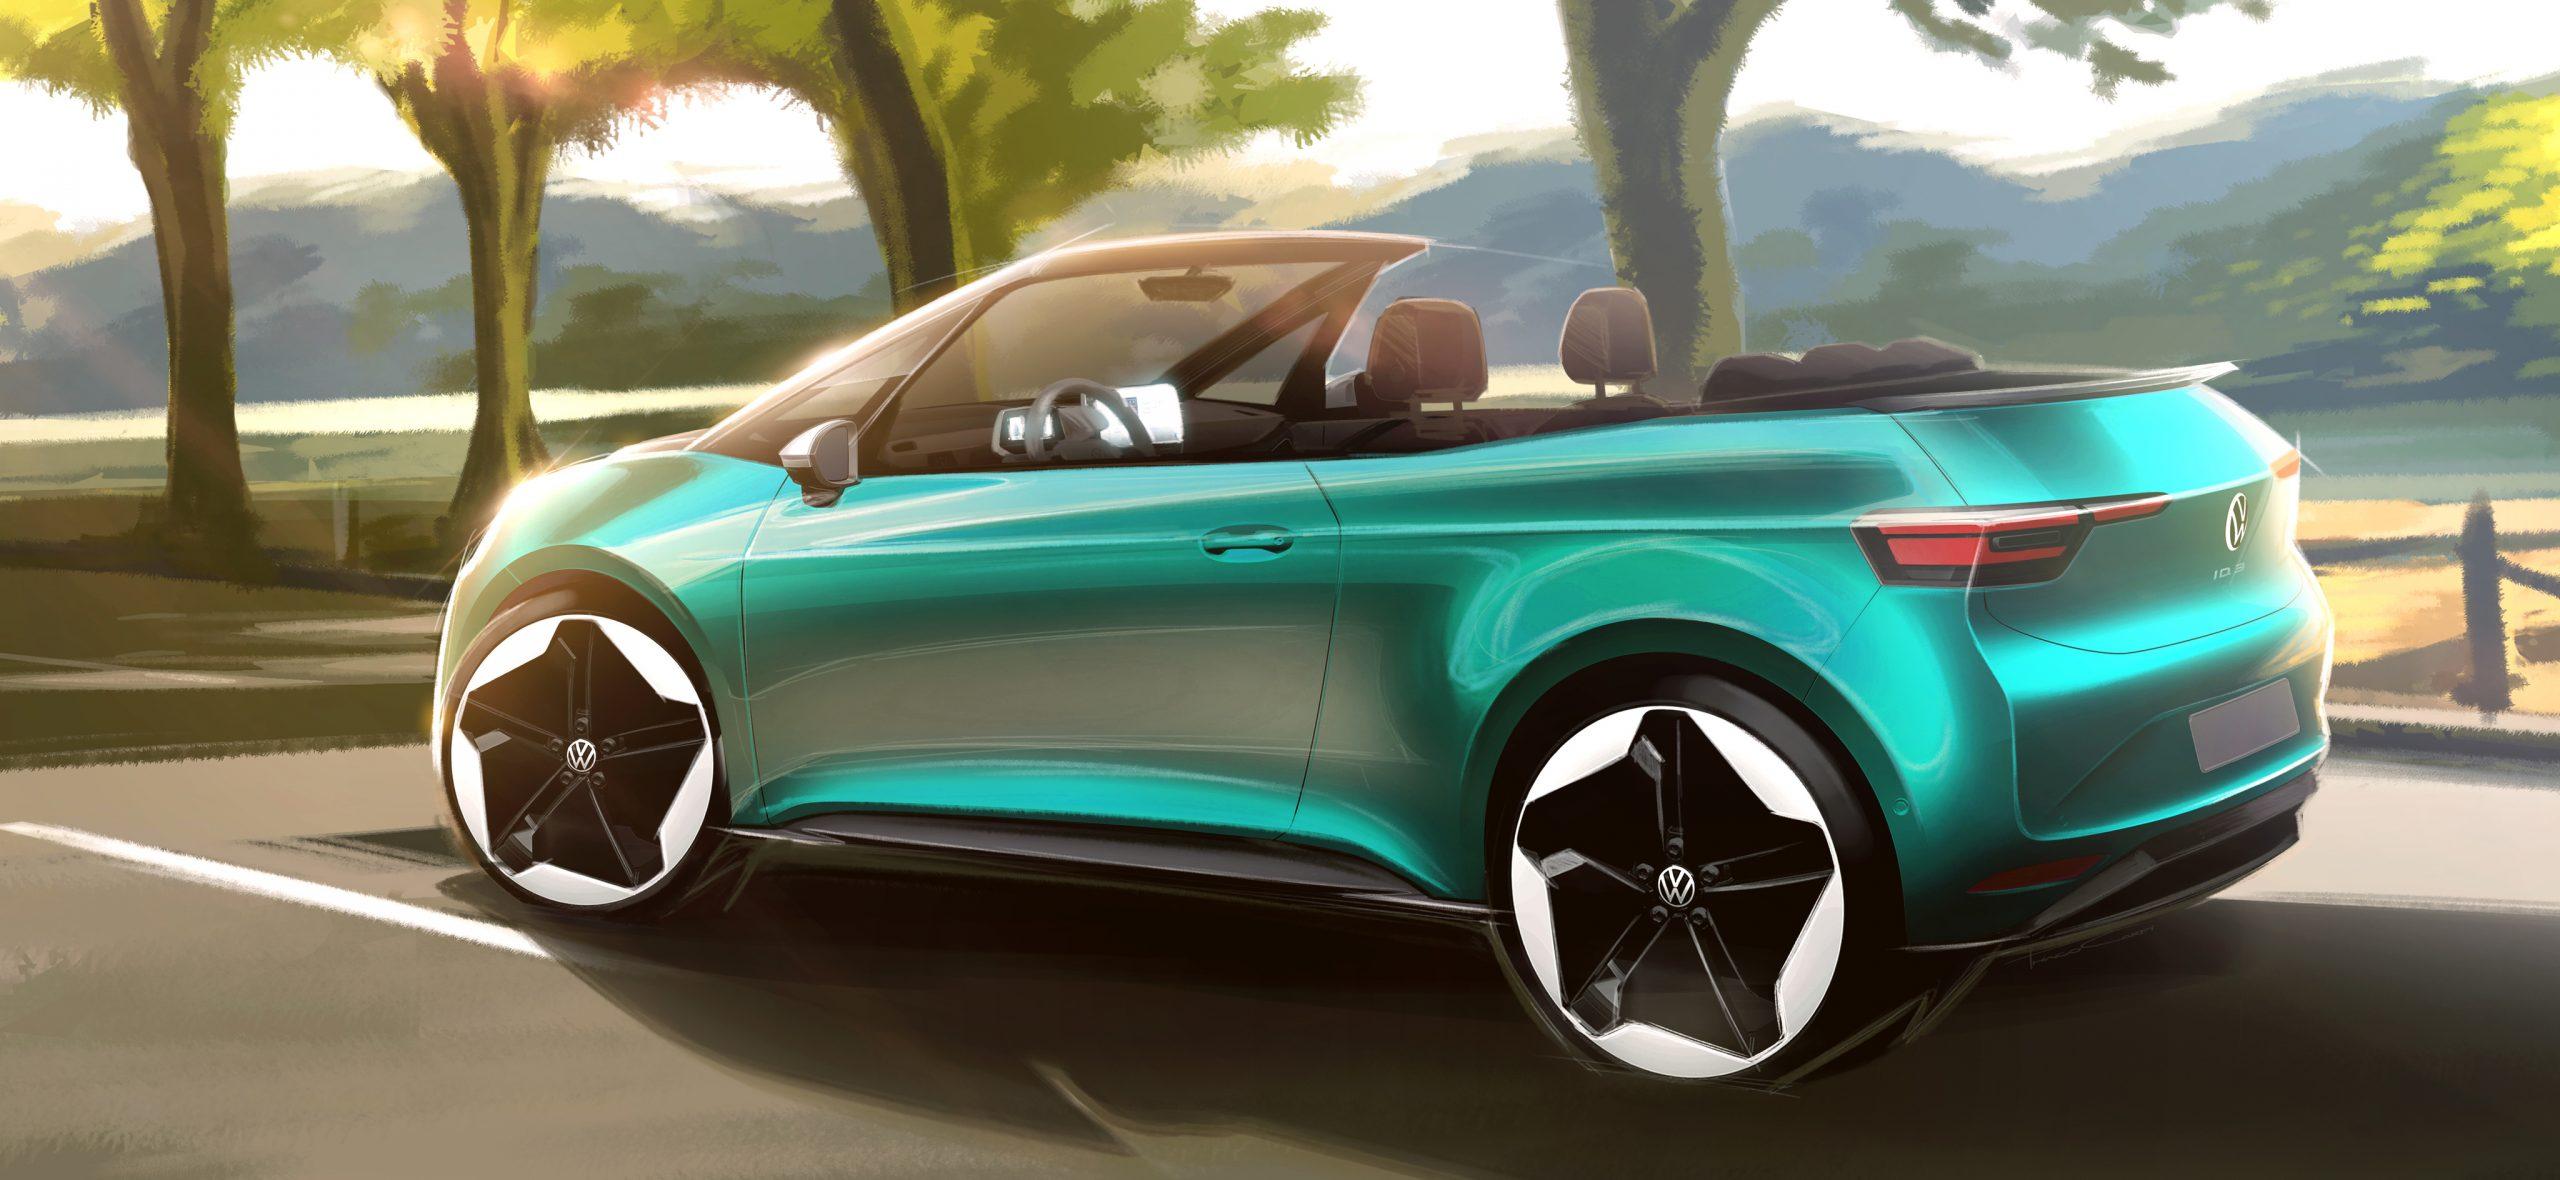 Volkswagen ID3 Convertible concept 2